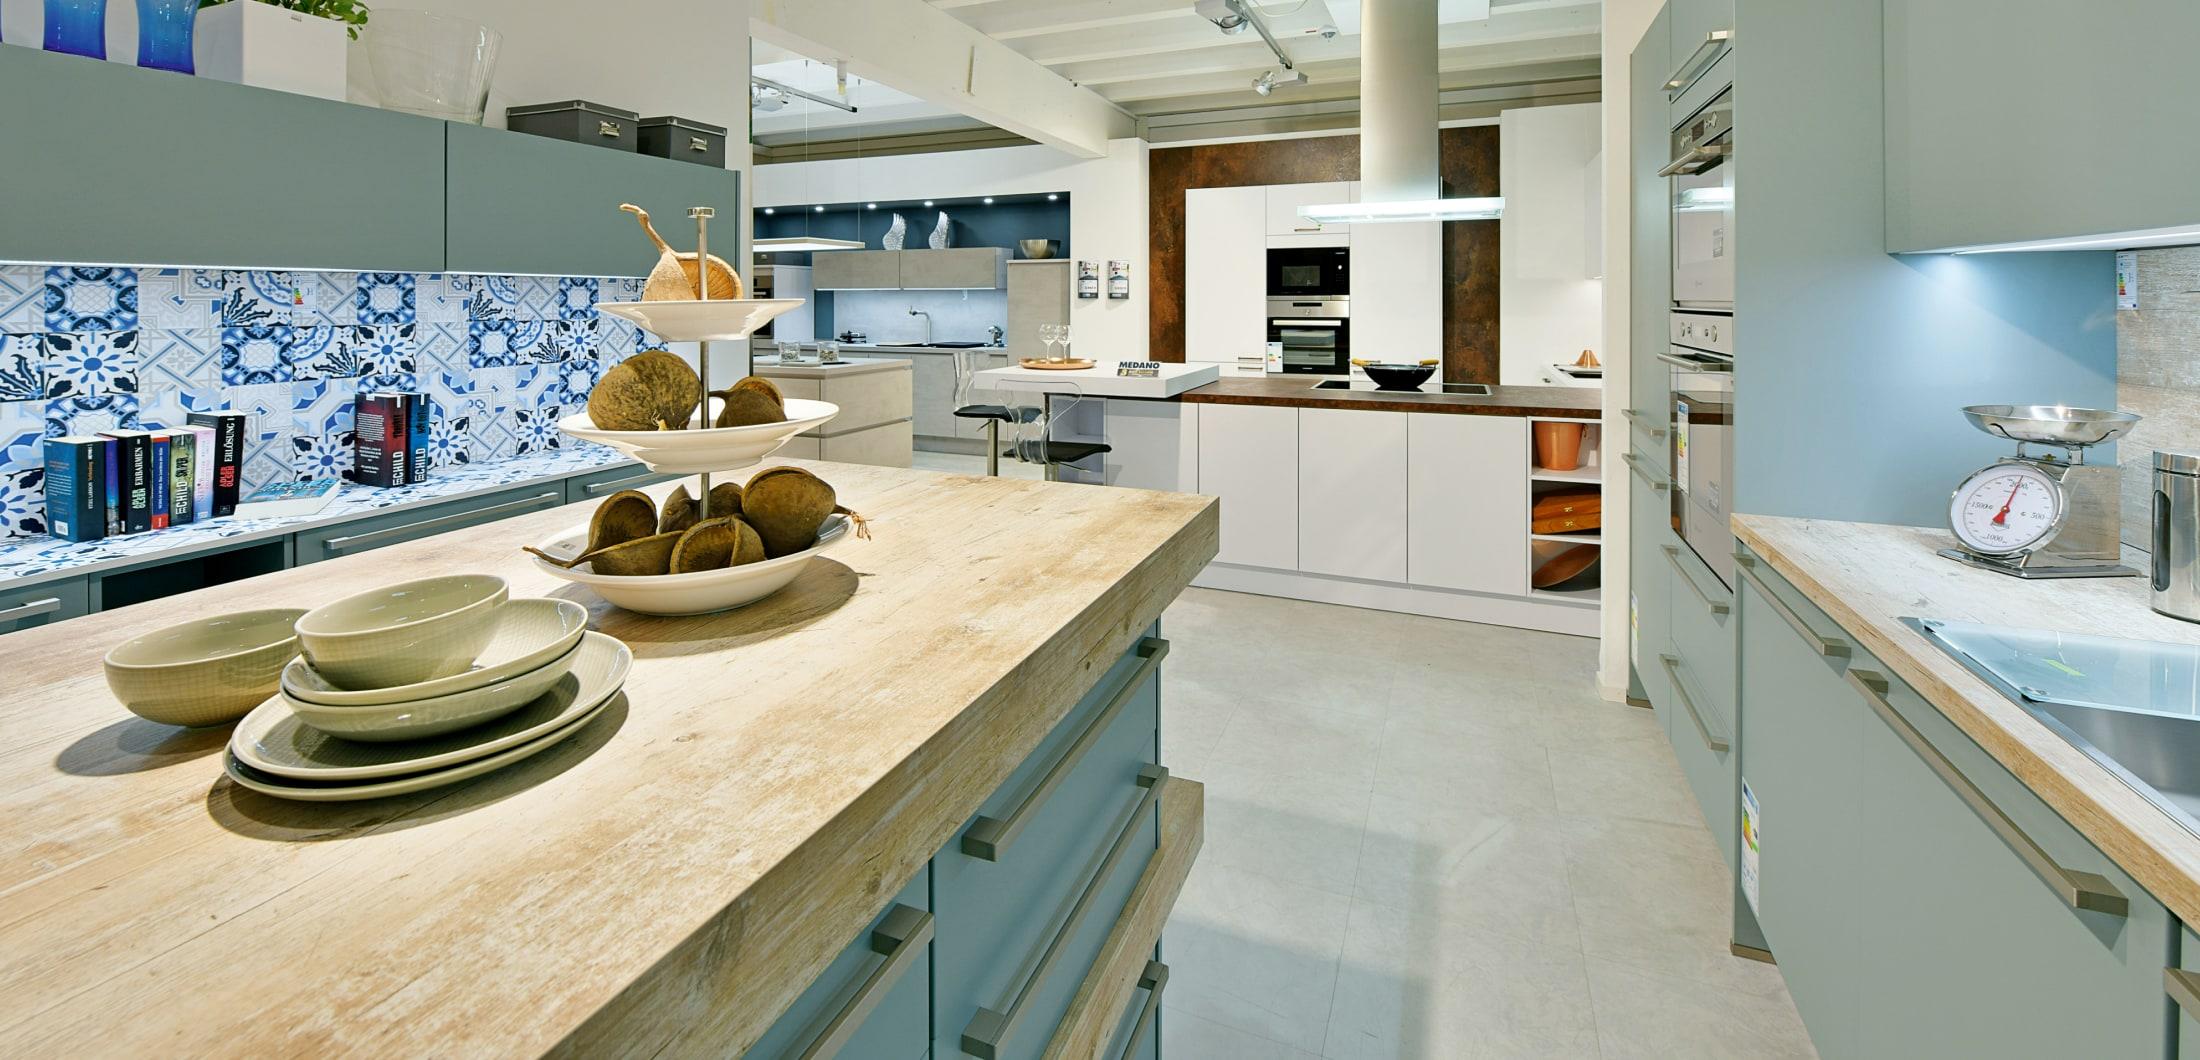 Küchenzeile mit Holzarbeitsplatte.